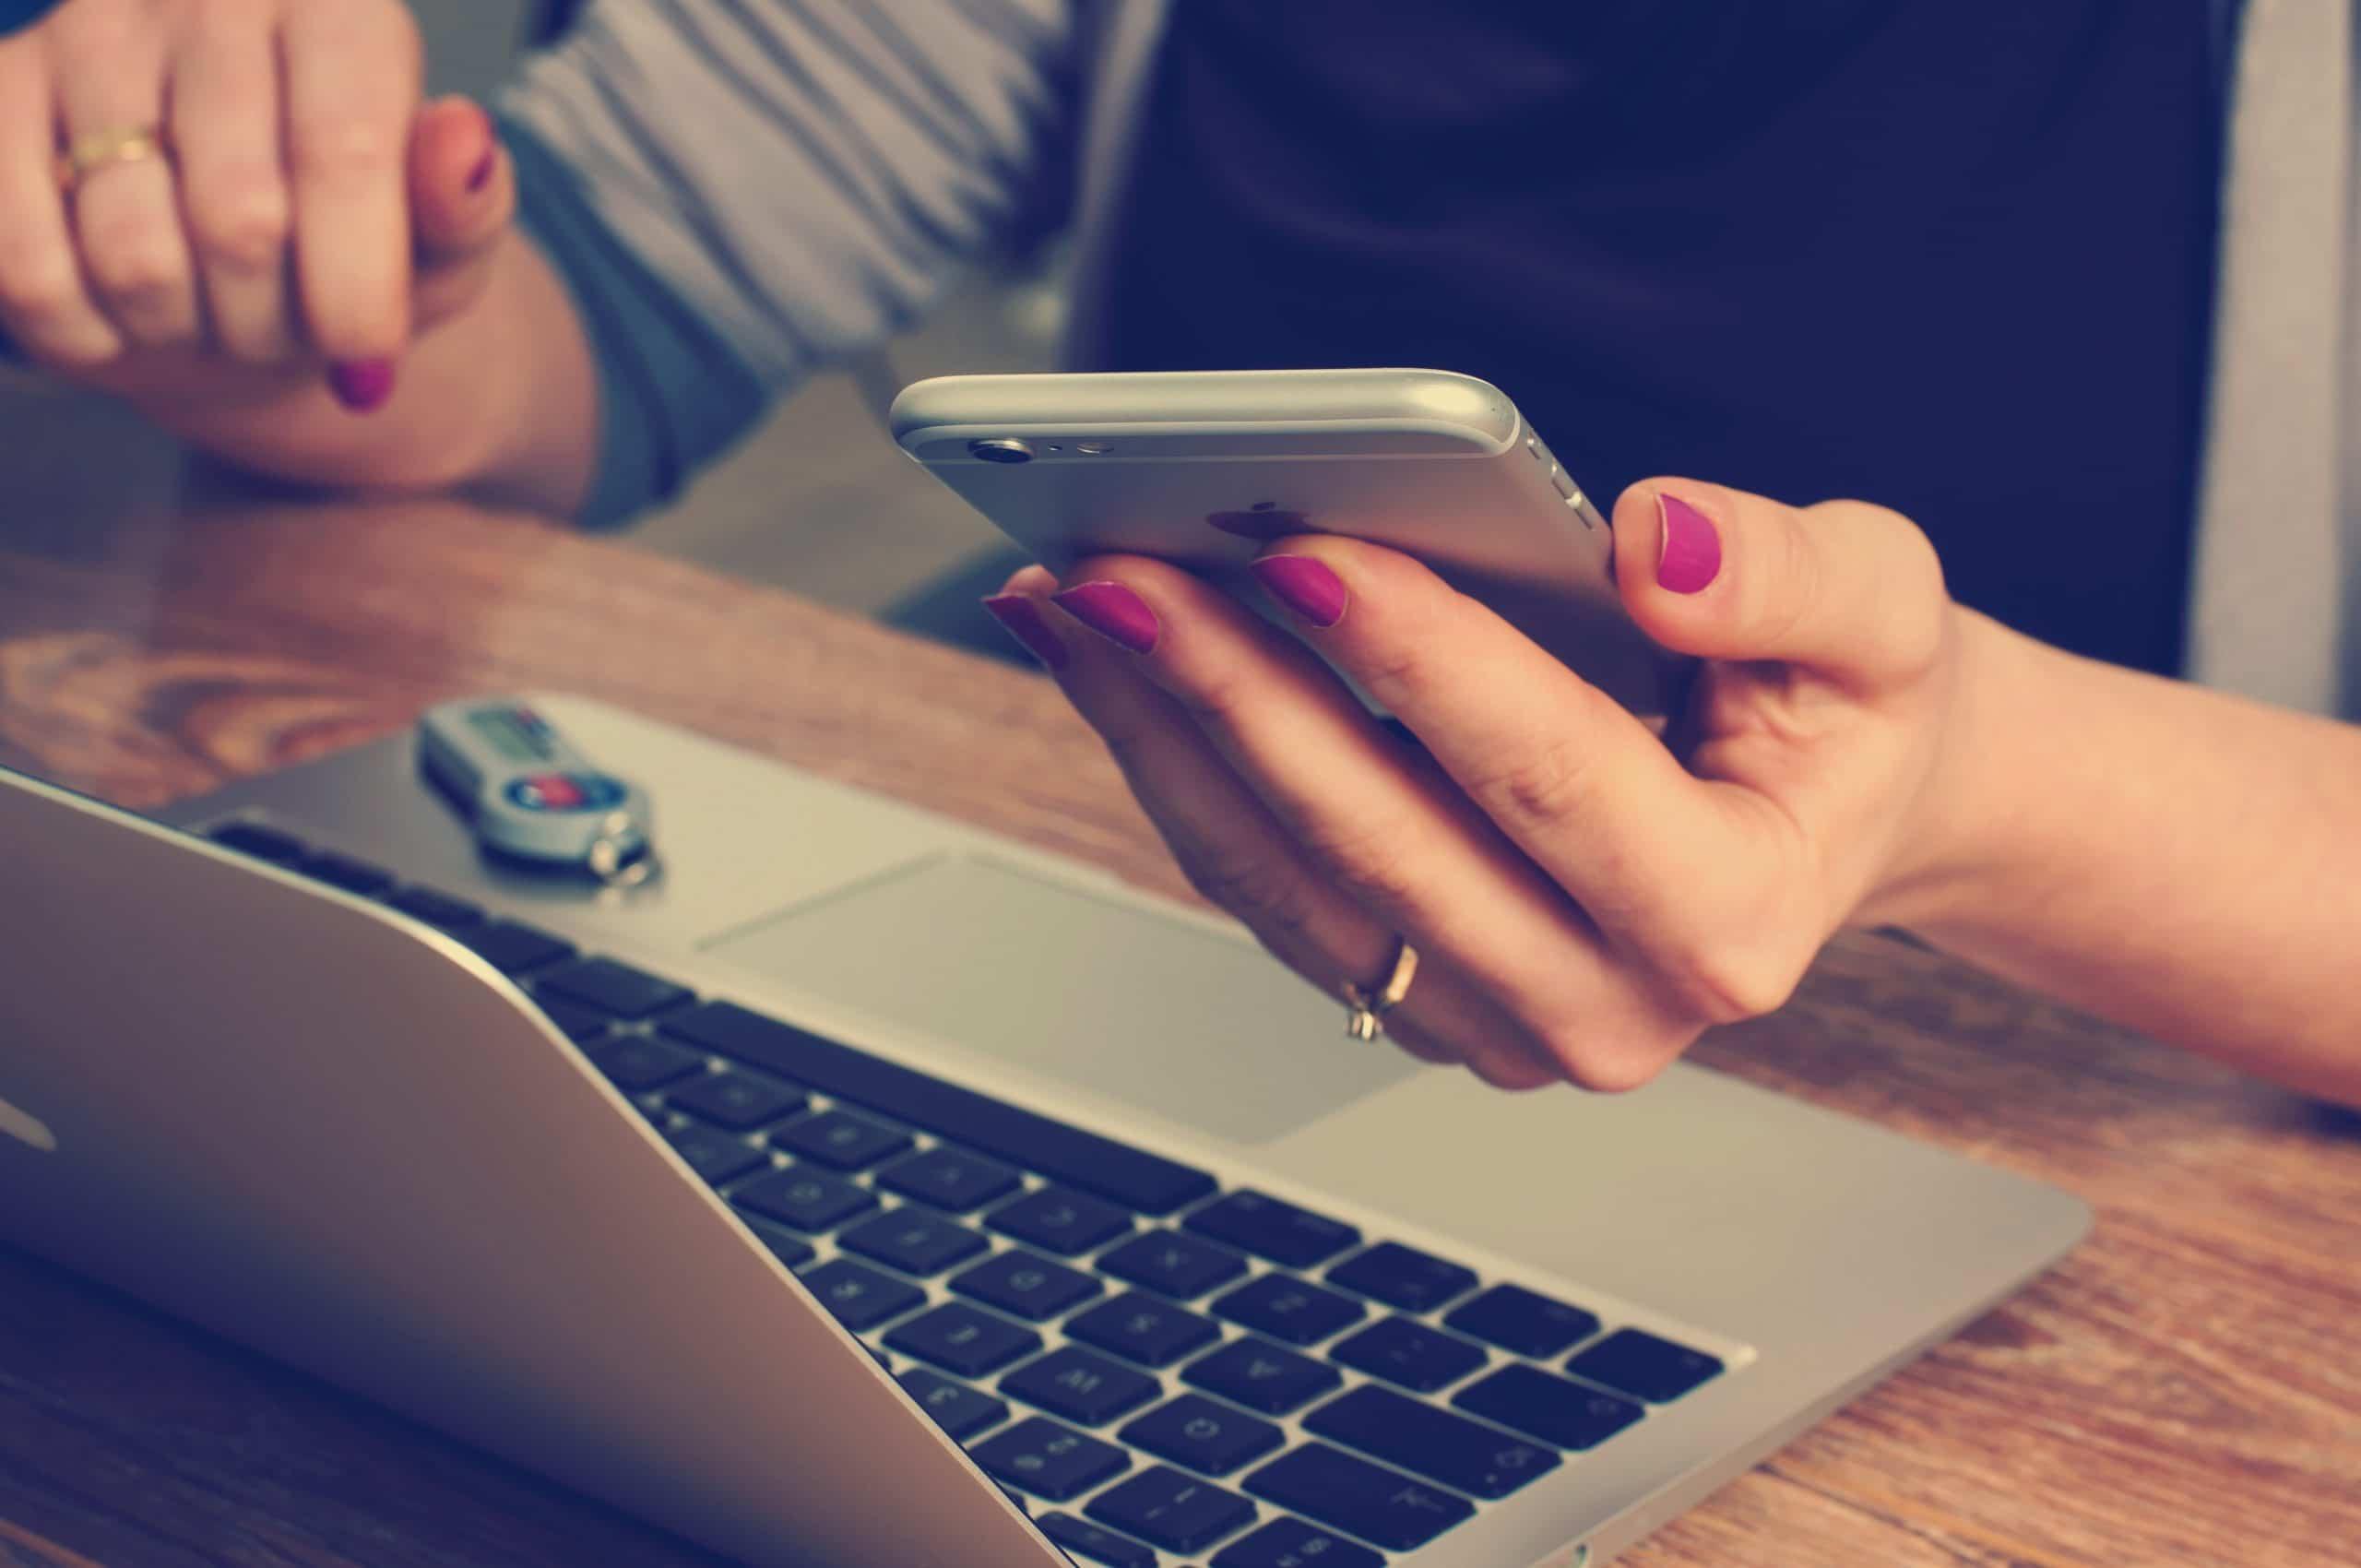 Mão segurando smartphone apoiada em mesa com notebook e itoken